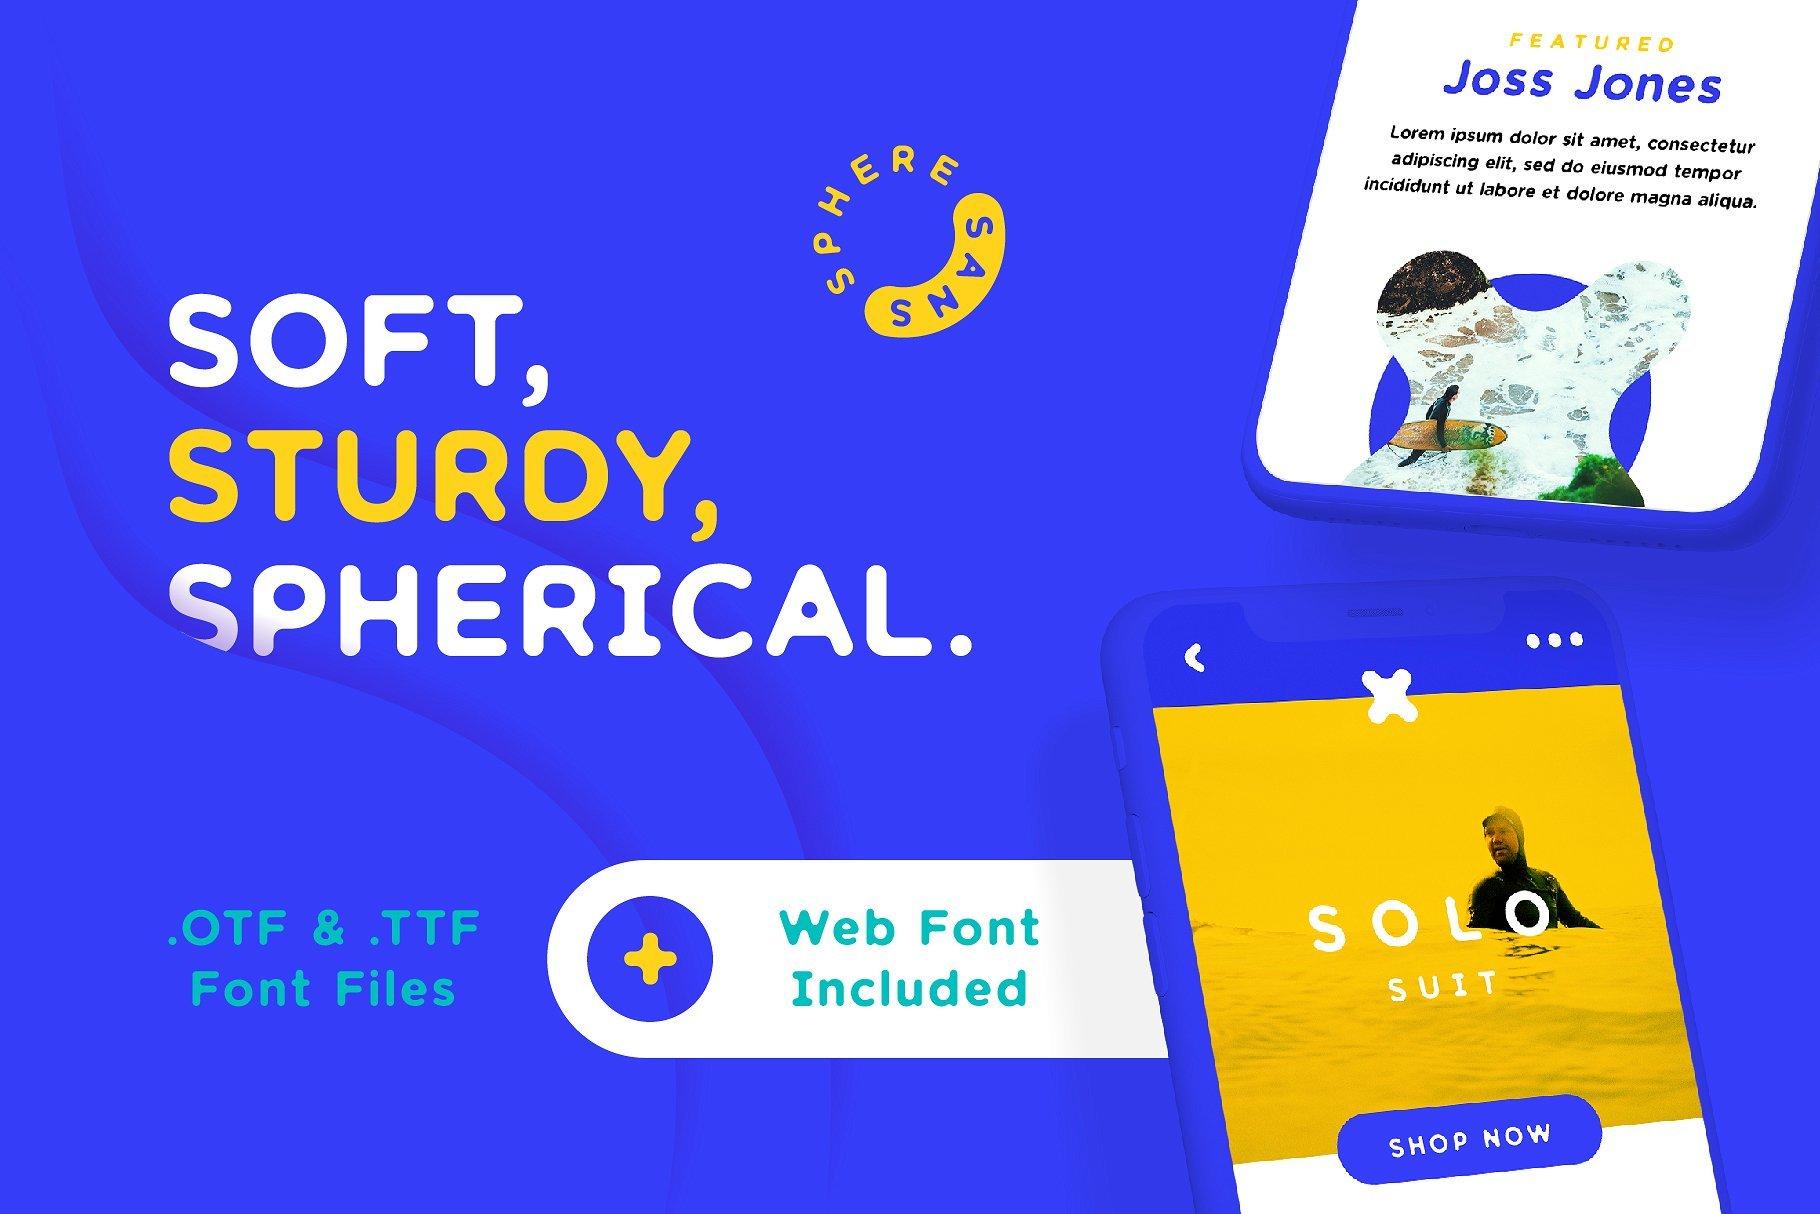 sphere-sans-typeface-1